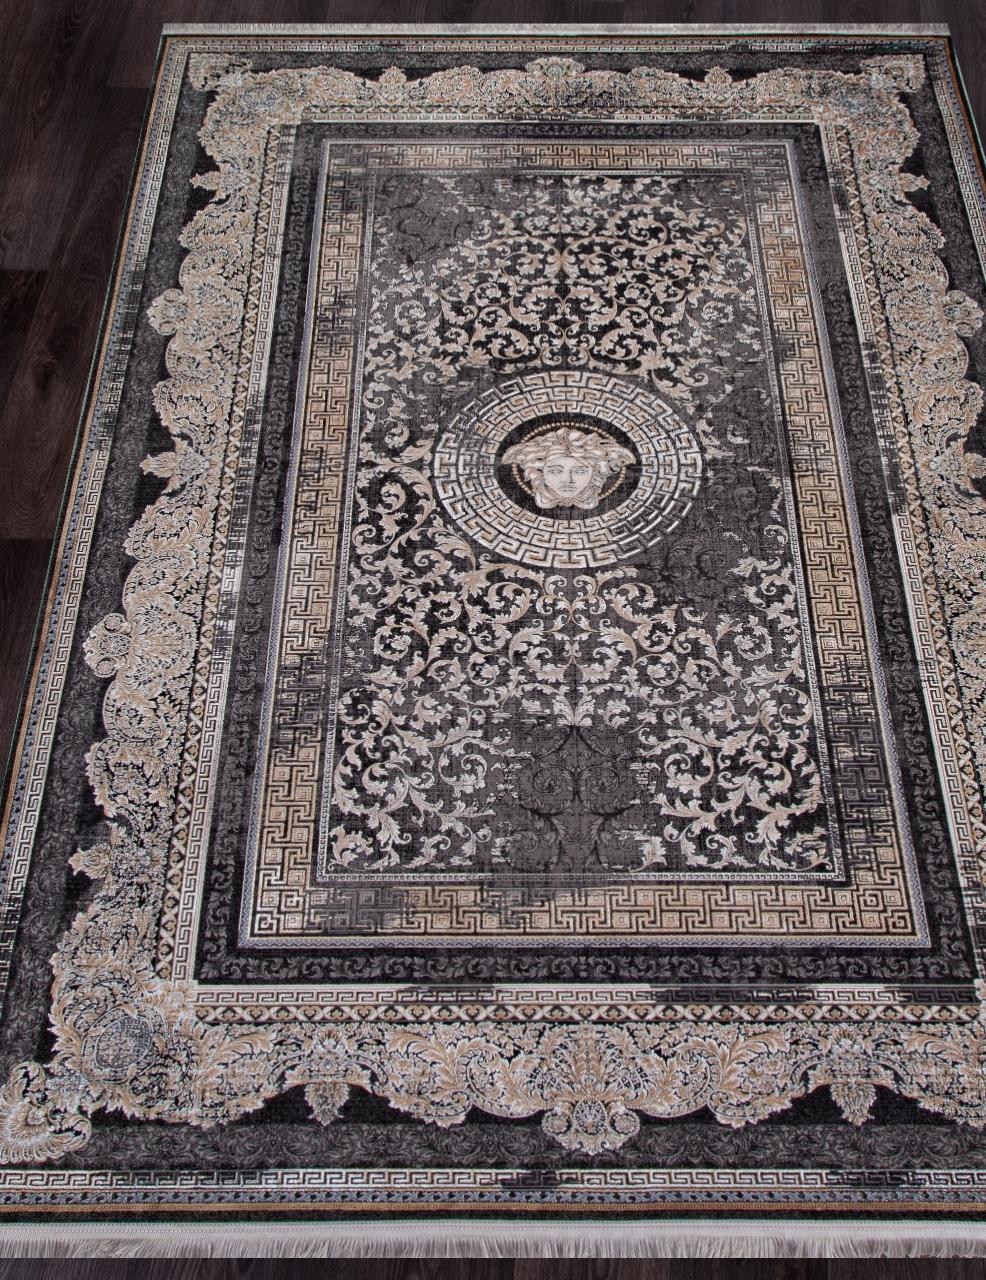 Ковер 90145 - 000 - Прямоугольник - коллекция MUSKAT 1200